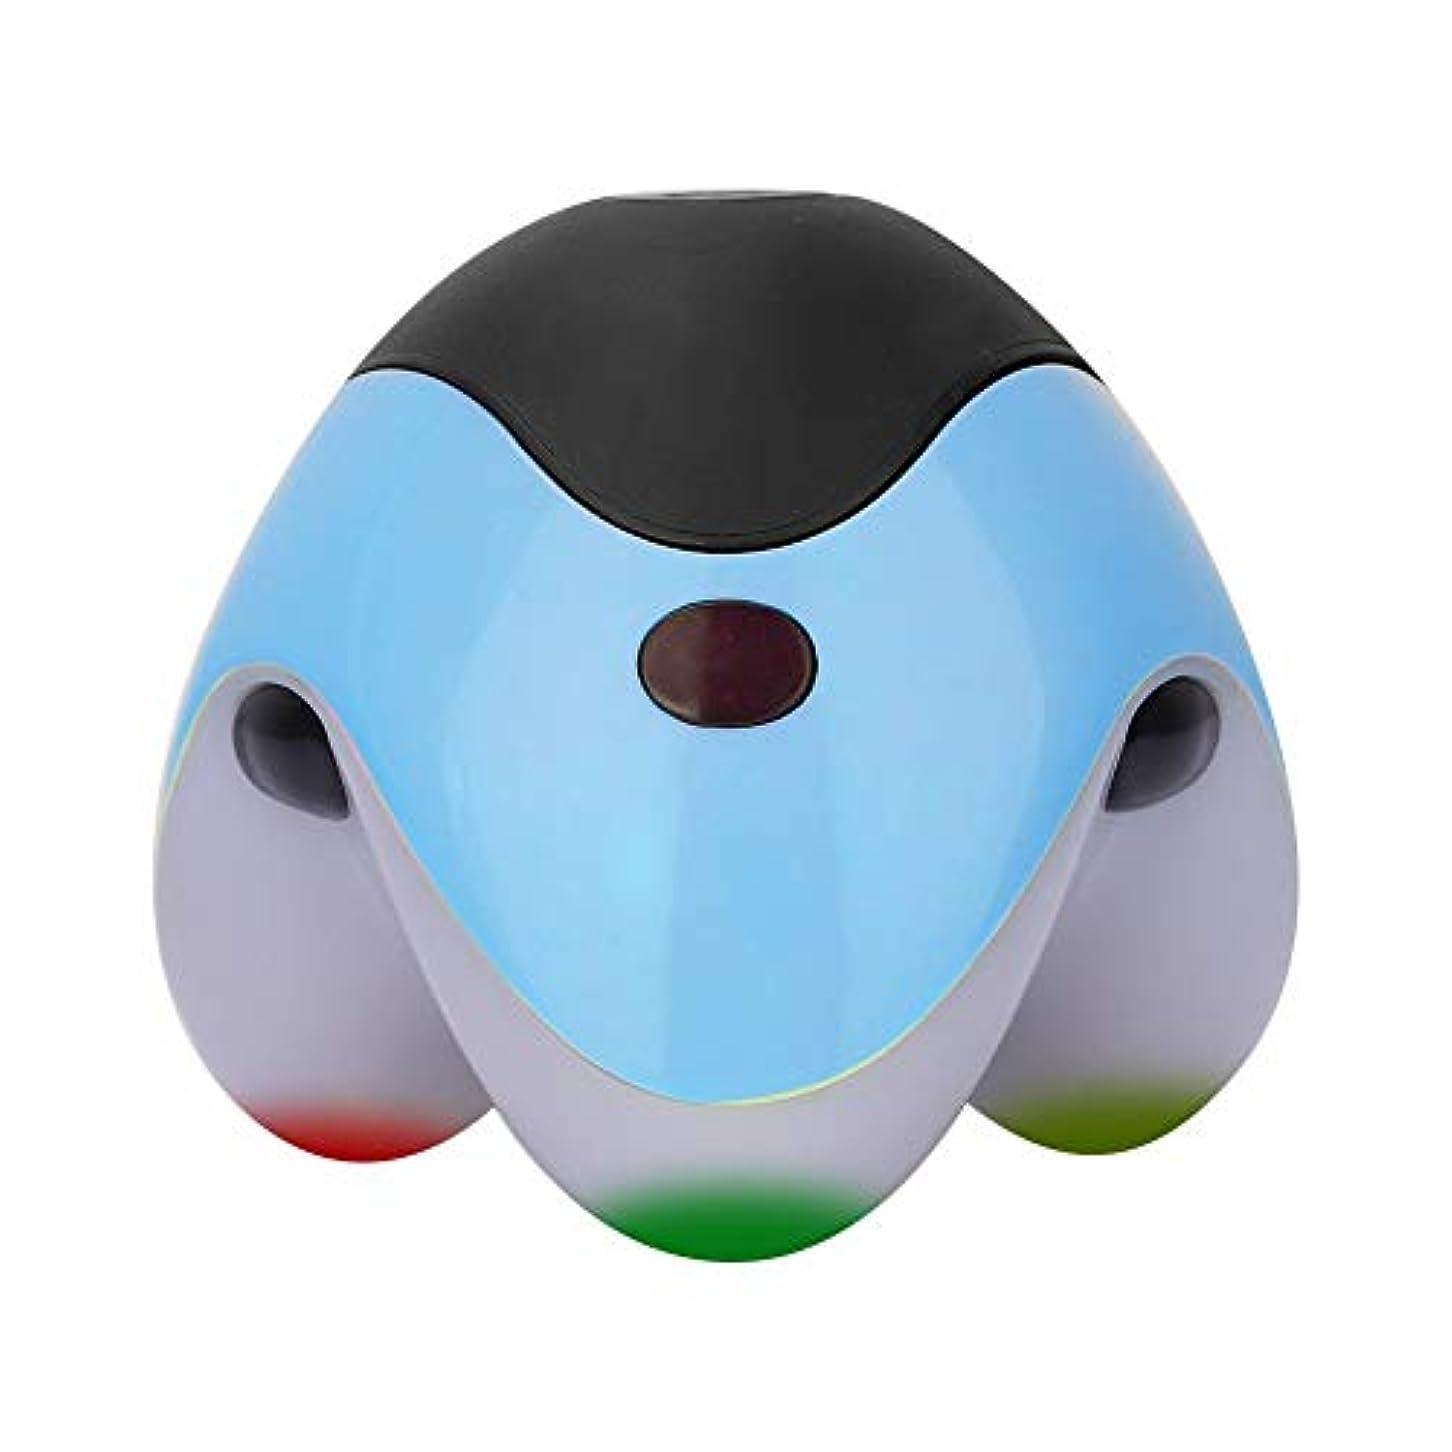 シロクマでも消去Nitrip ボディマッサージ ハンディマッサージャー ボティローラー 全身用 血行促進 疲労緩和 ストレス解消 ヘルスケア マッサージツール 携帯便利 4色(青)